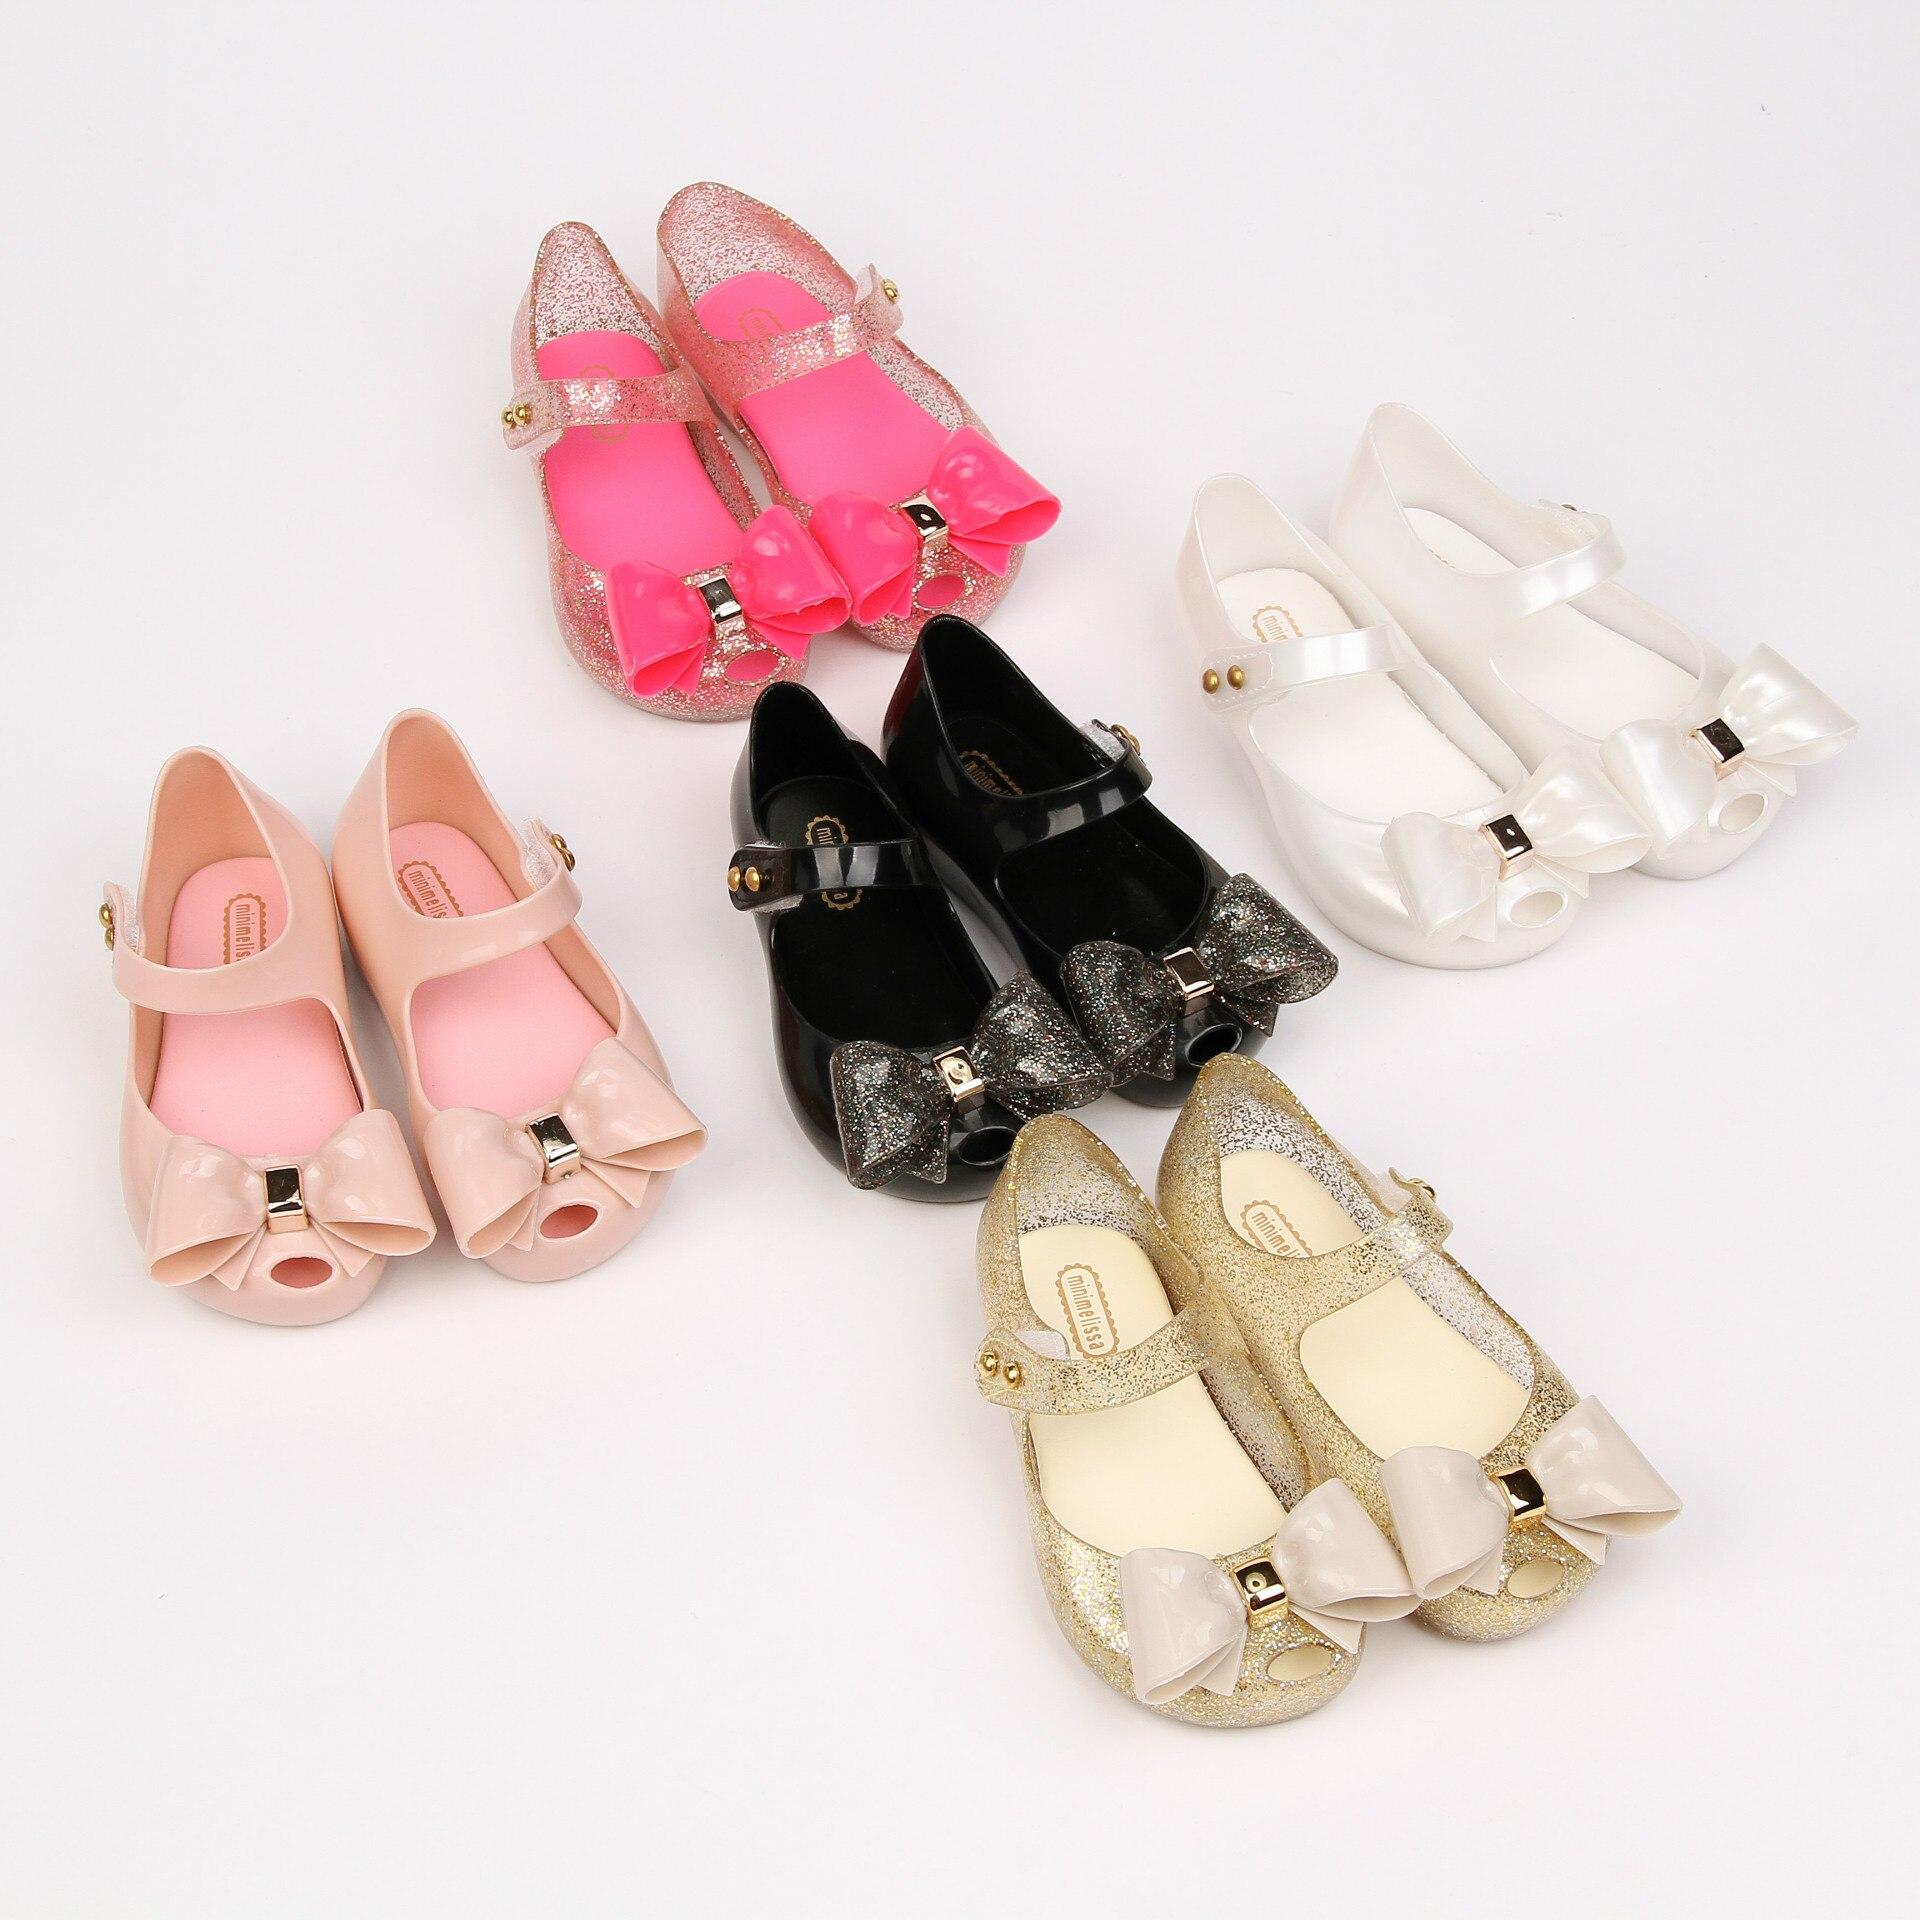 melissa туфли Детские летние туфли, мини-туфли Melissa Sparkle с бантом, модные сандалии для детей, девочек, Красавица и чудовище, розовые туфли-желе SH0104